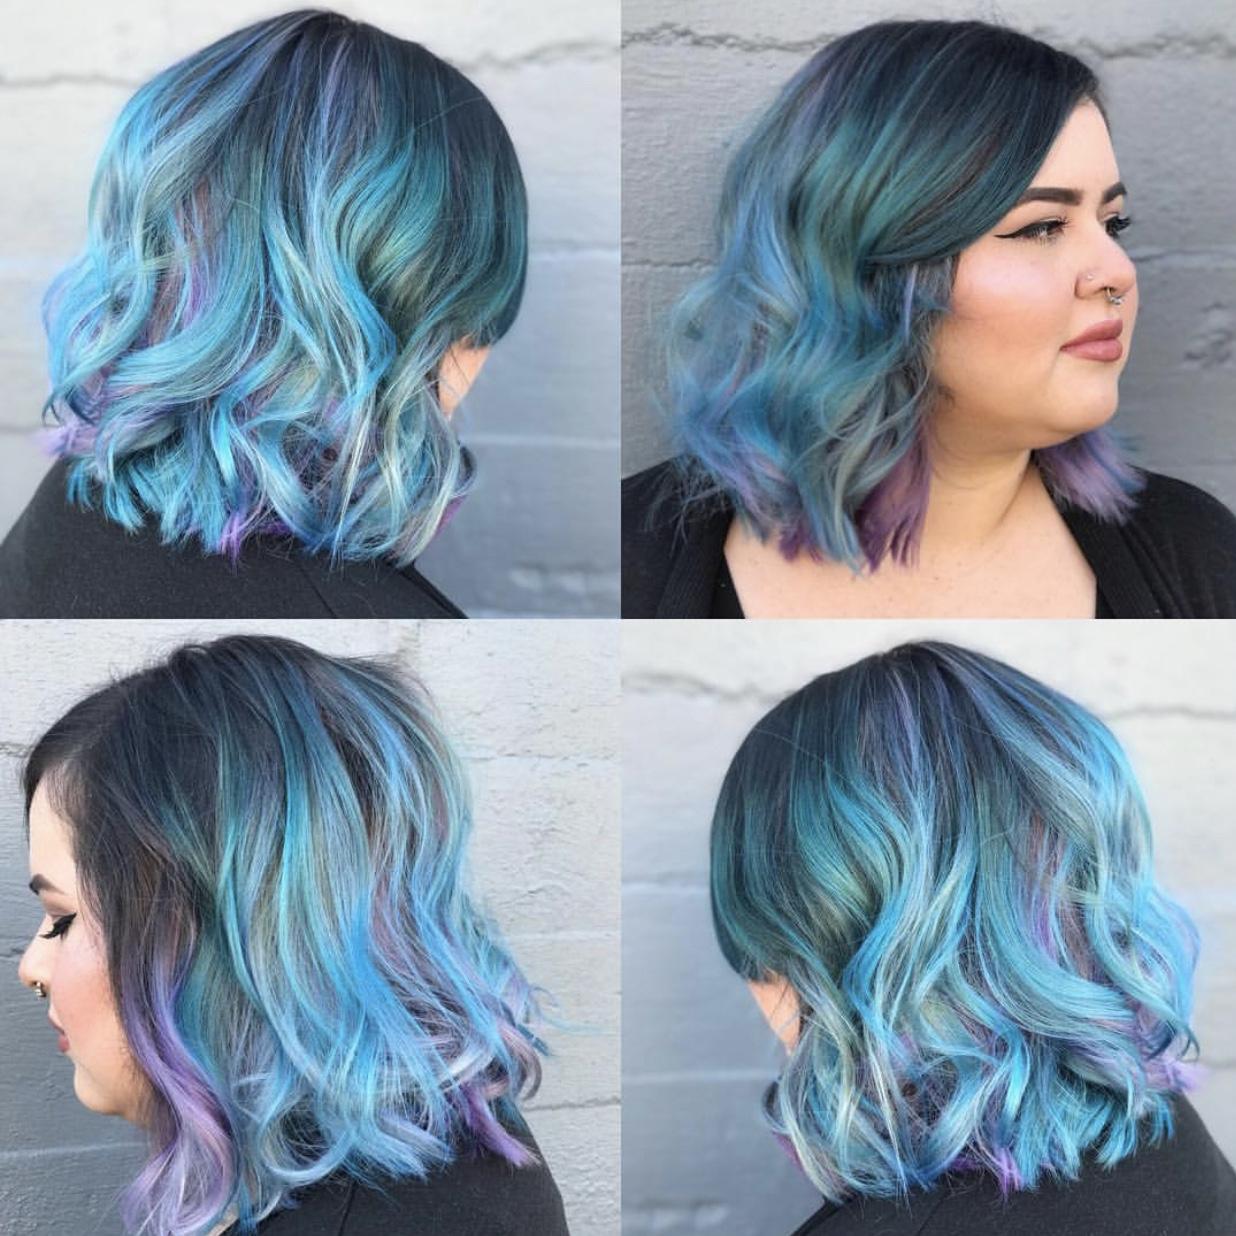 Jennifer Lopiccolo @jenniferlopiccolo_hair